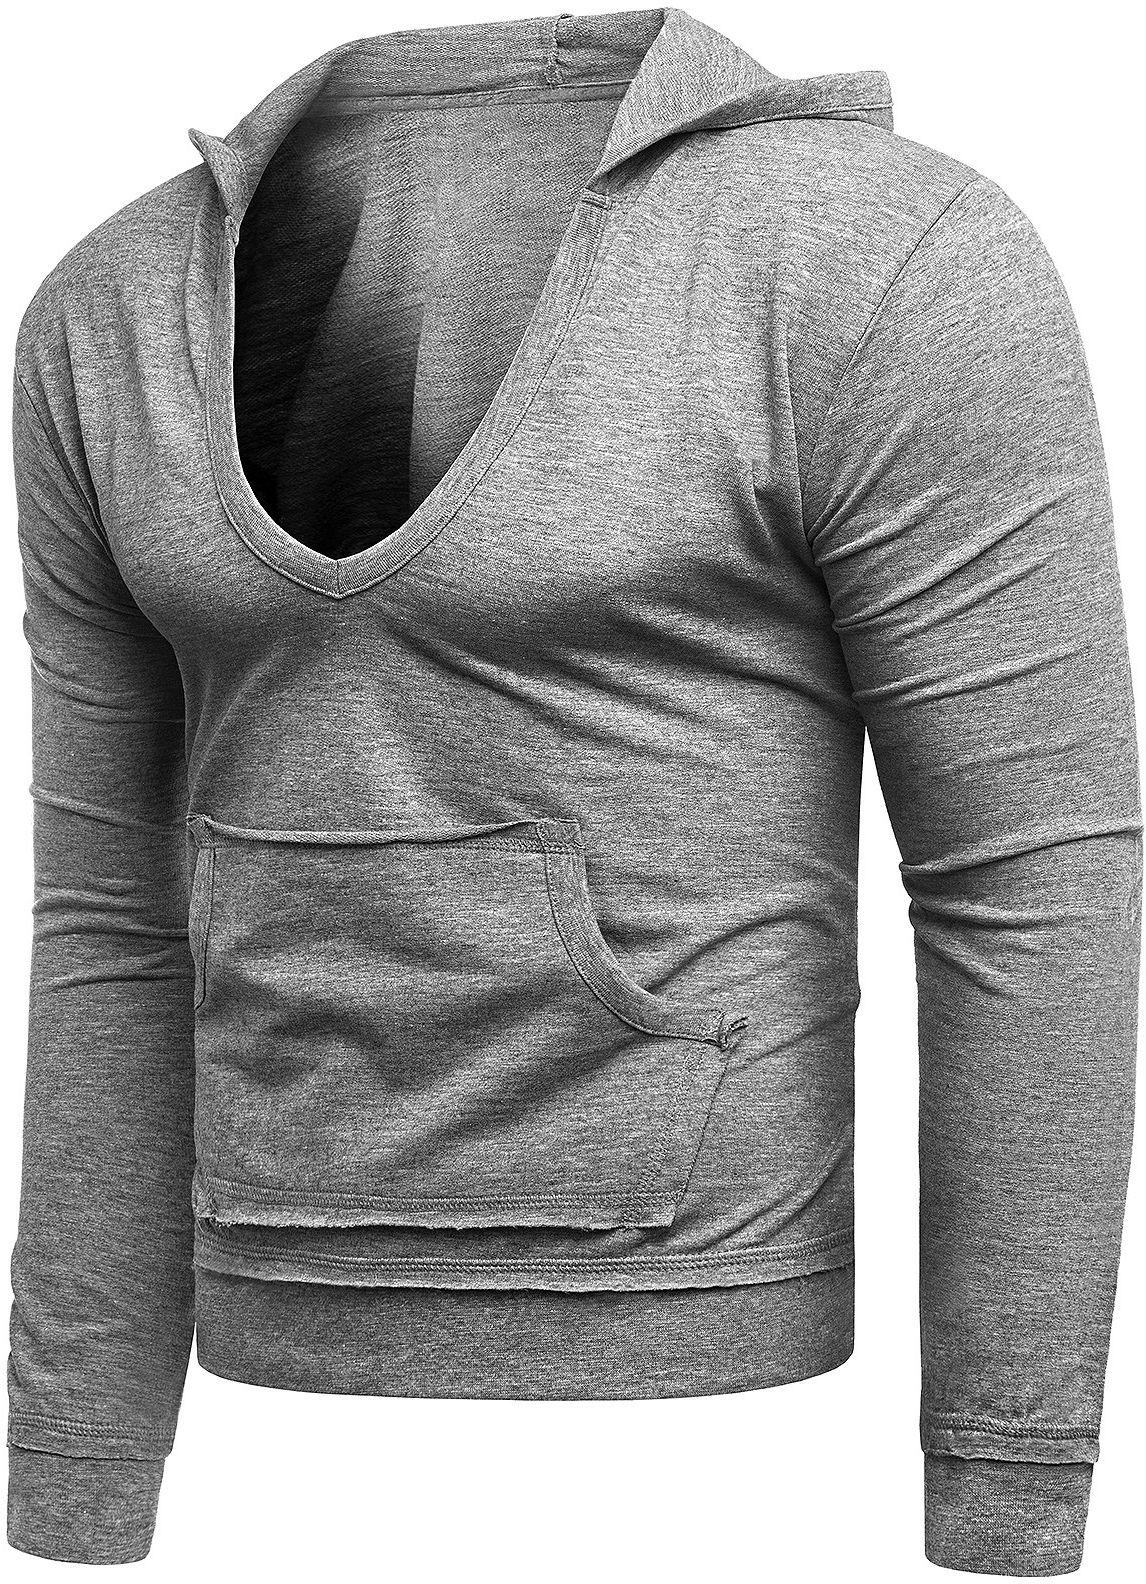 Męska bluza - ROLLY 1102 - szary